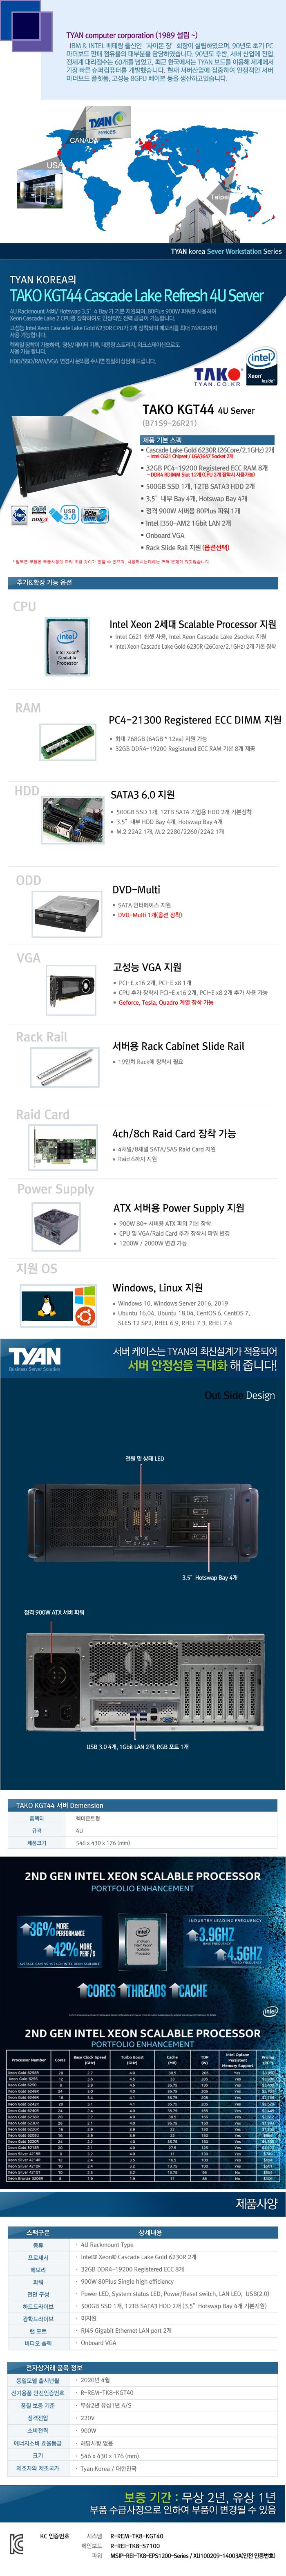 TYAN TAKO-KGT44-(B71S9-26R21) (256GB, SSD 500GB + 24TB)